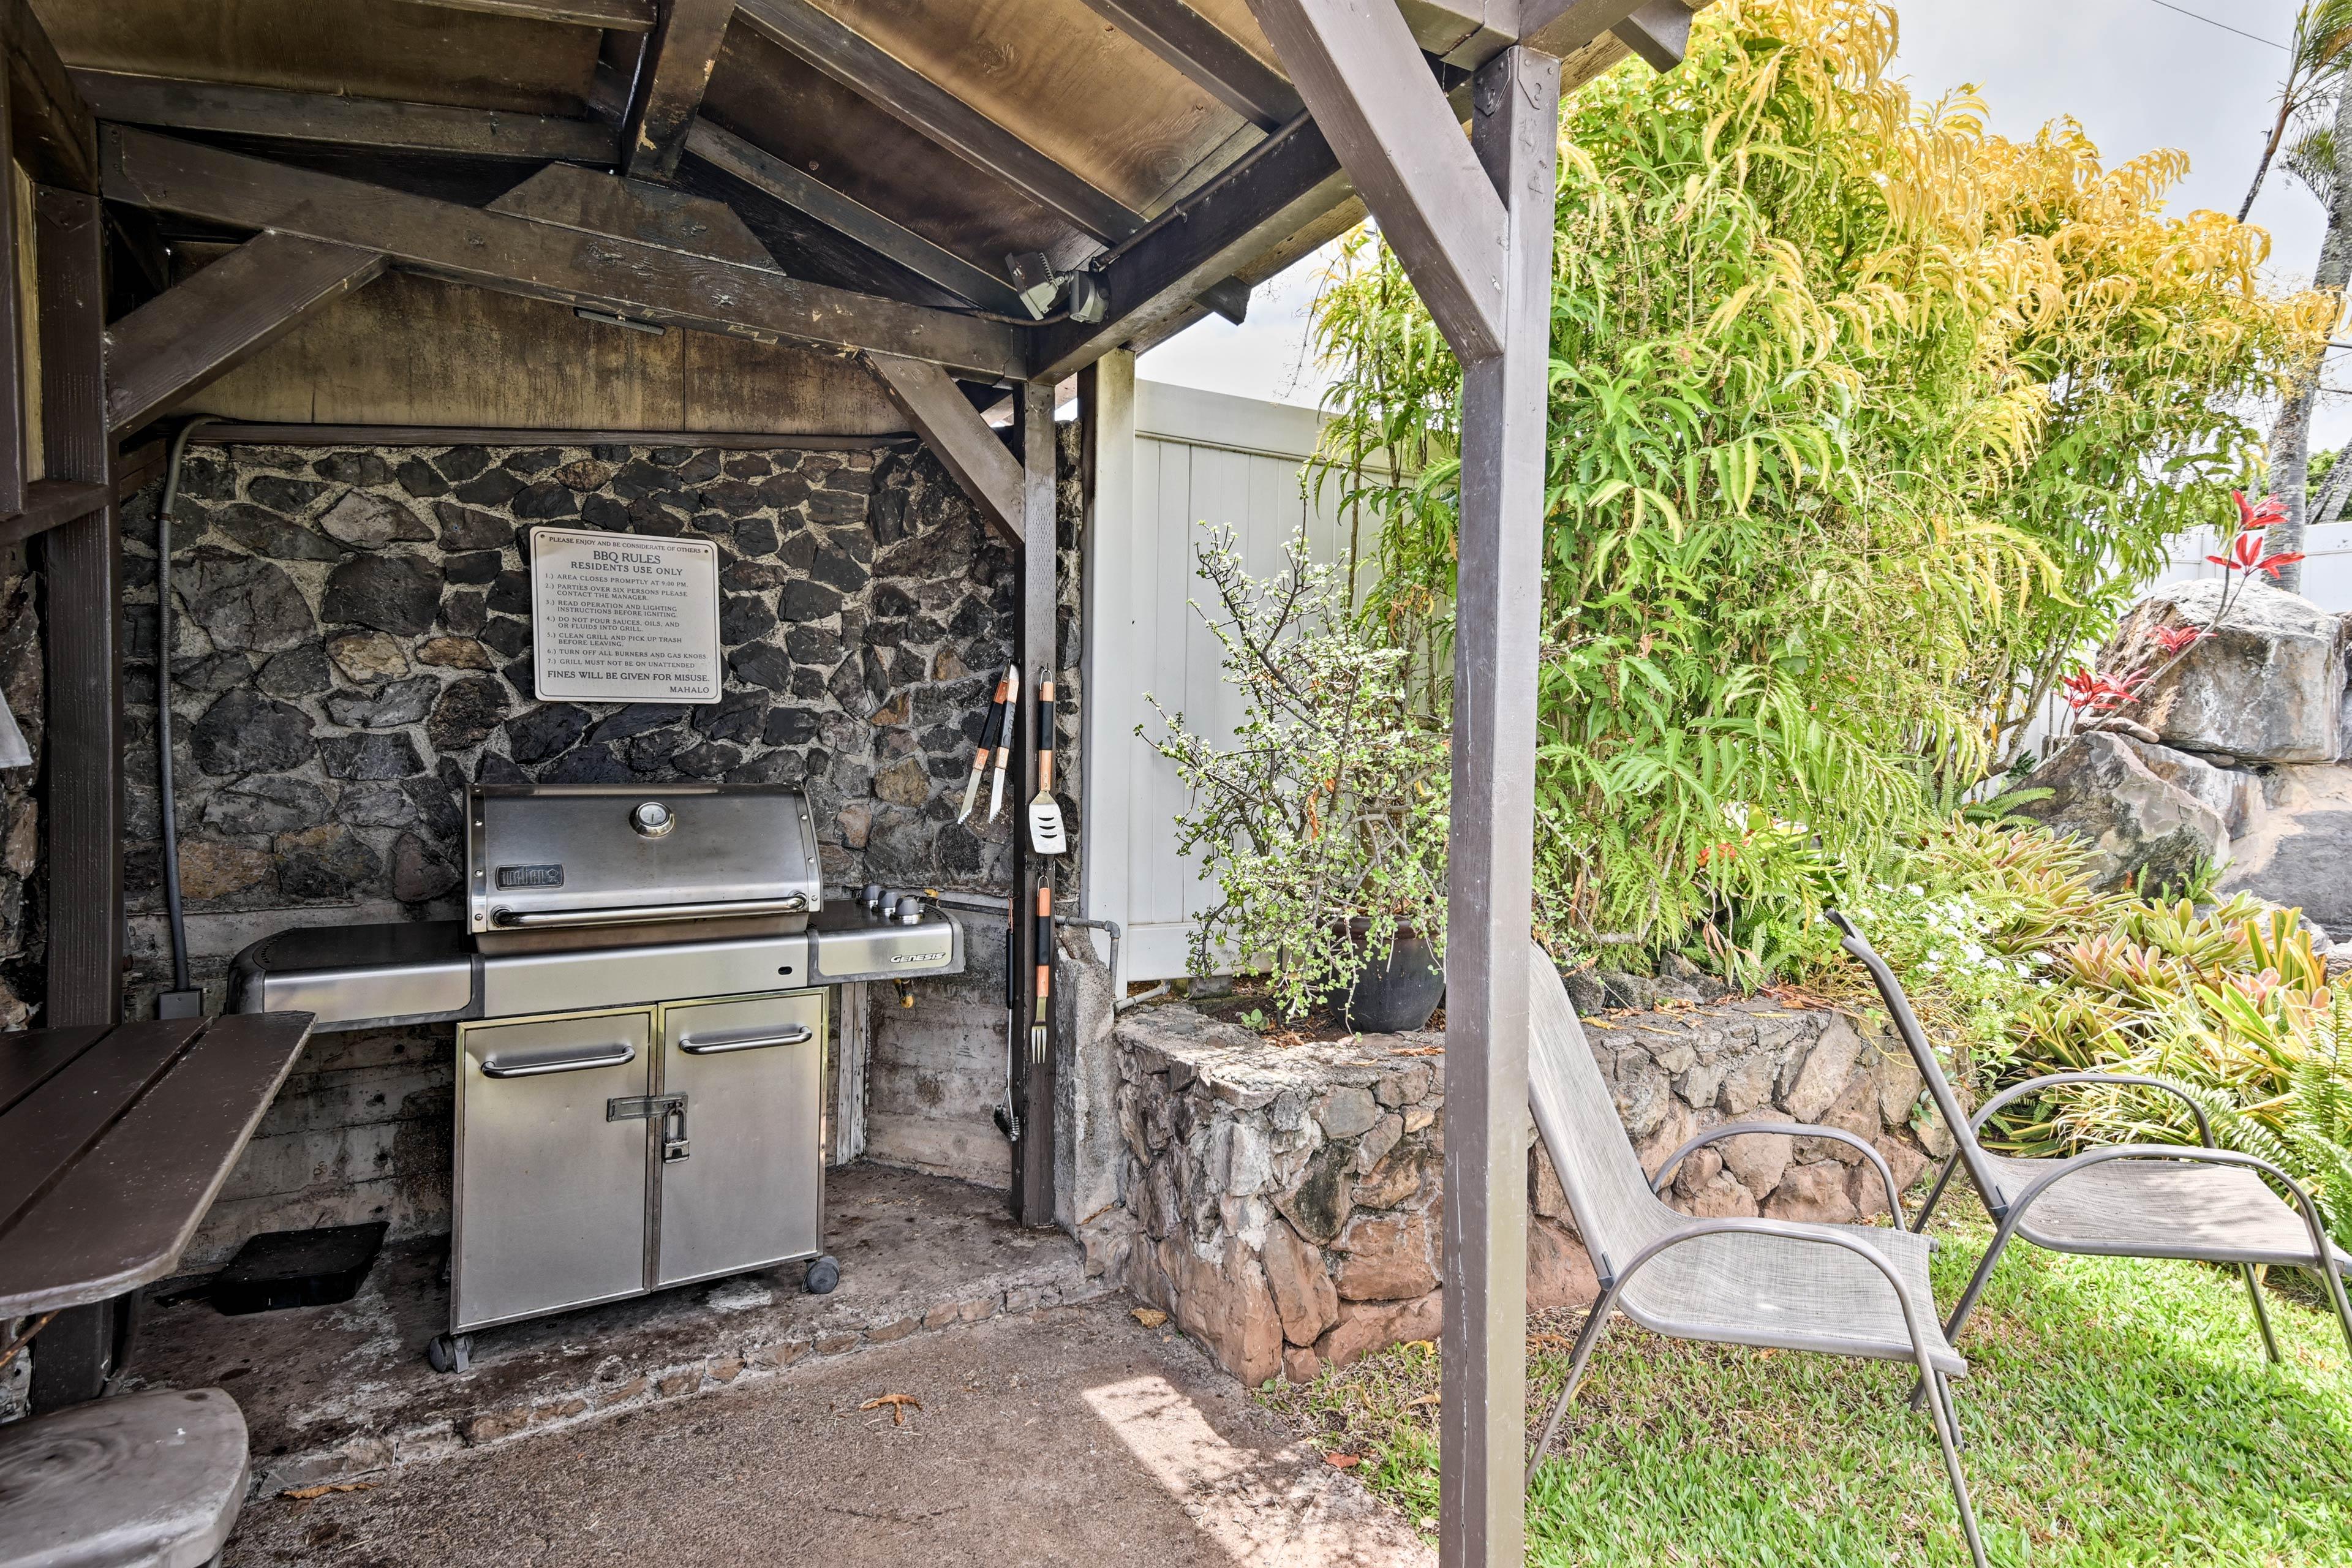 Take advantage of the gas grill to make some kalua pork!